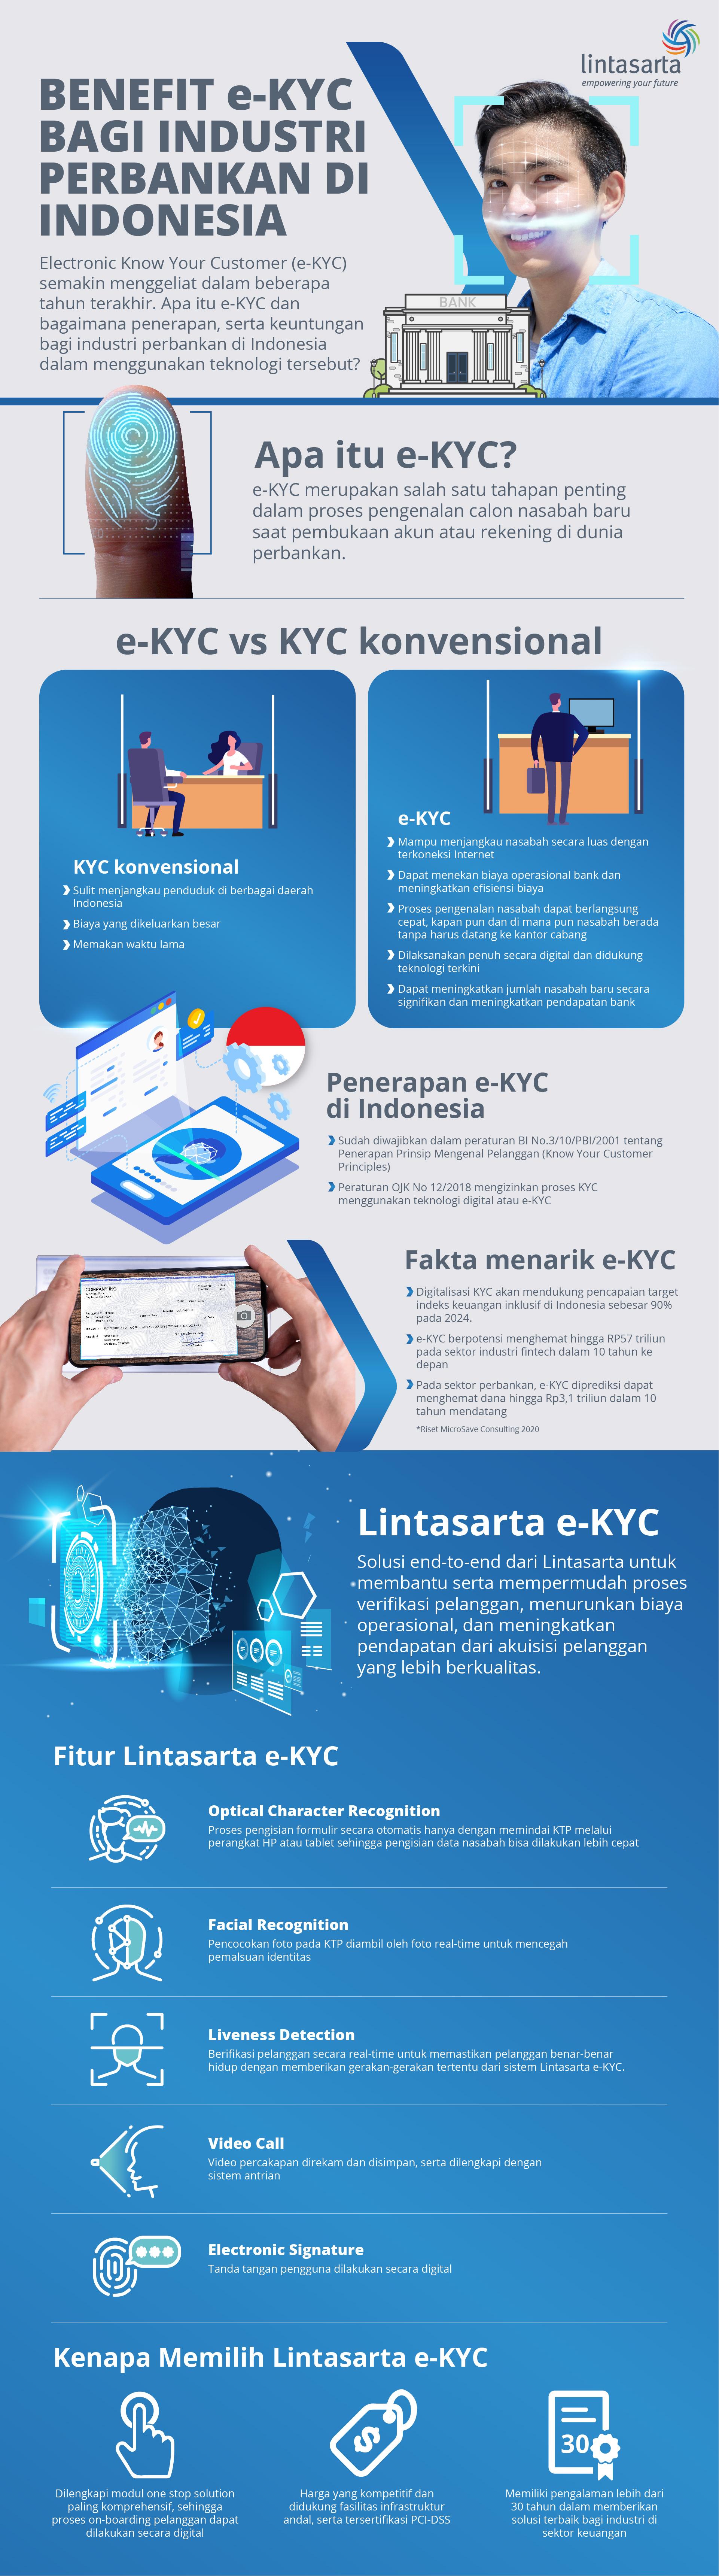 Infografis-7-03